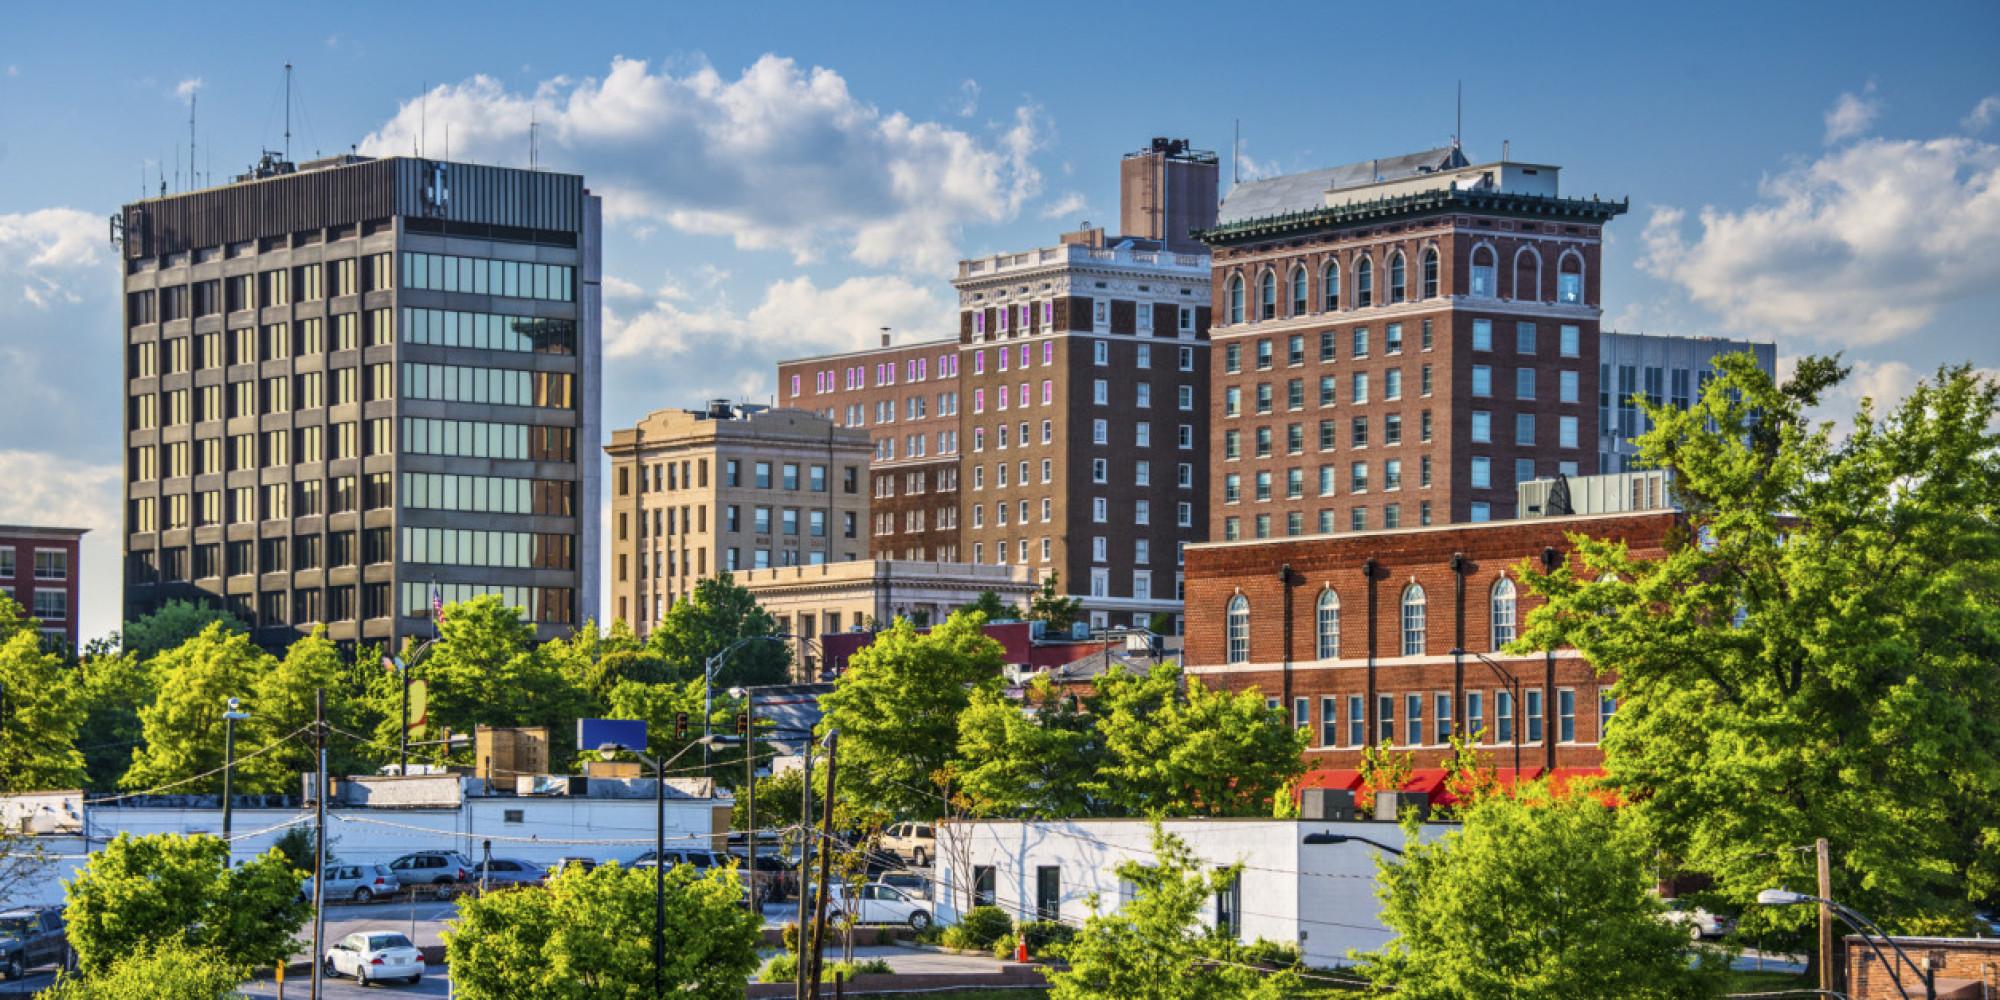 Гринвилл, Южная Каролина. Фото: huffingtonpost.com